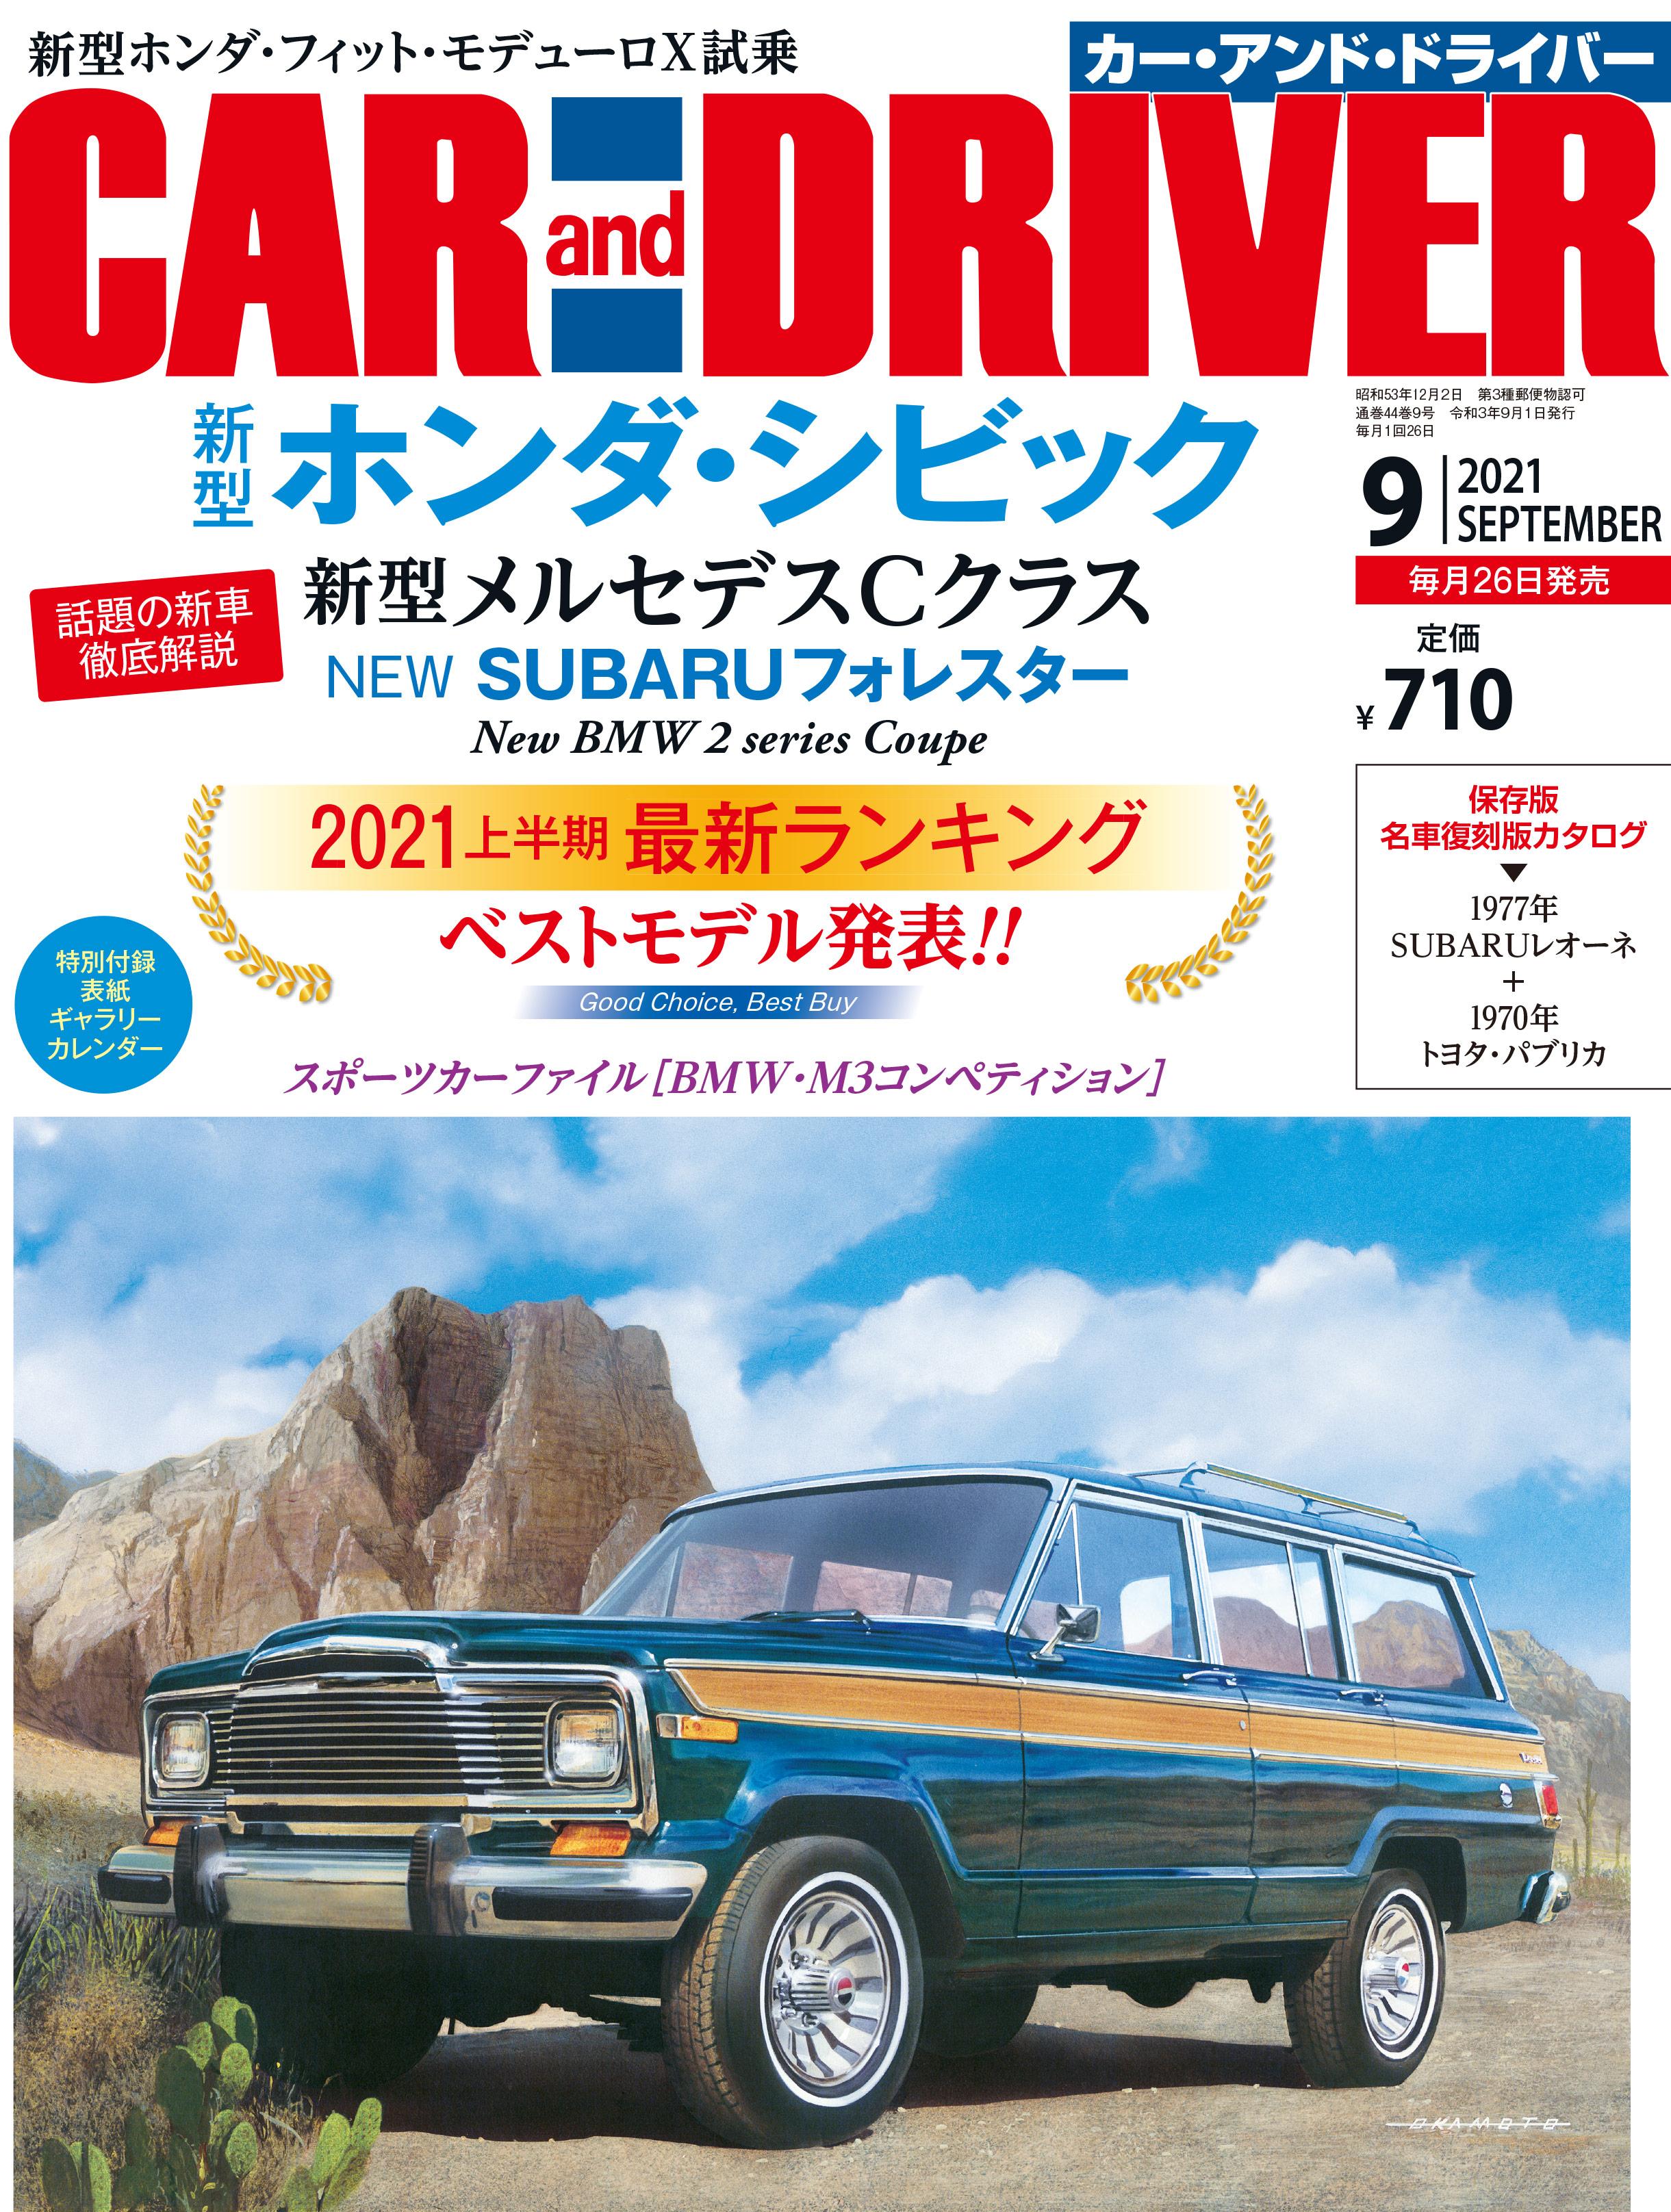 書影:CAR and DRIVER 2021年9月号